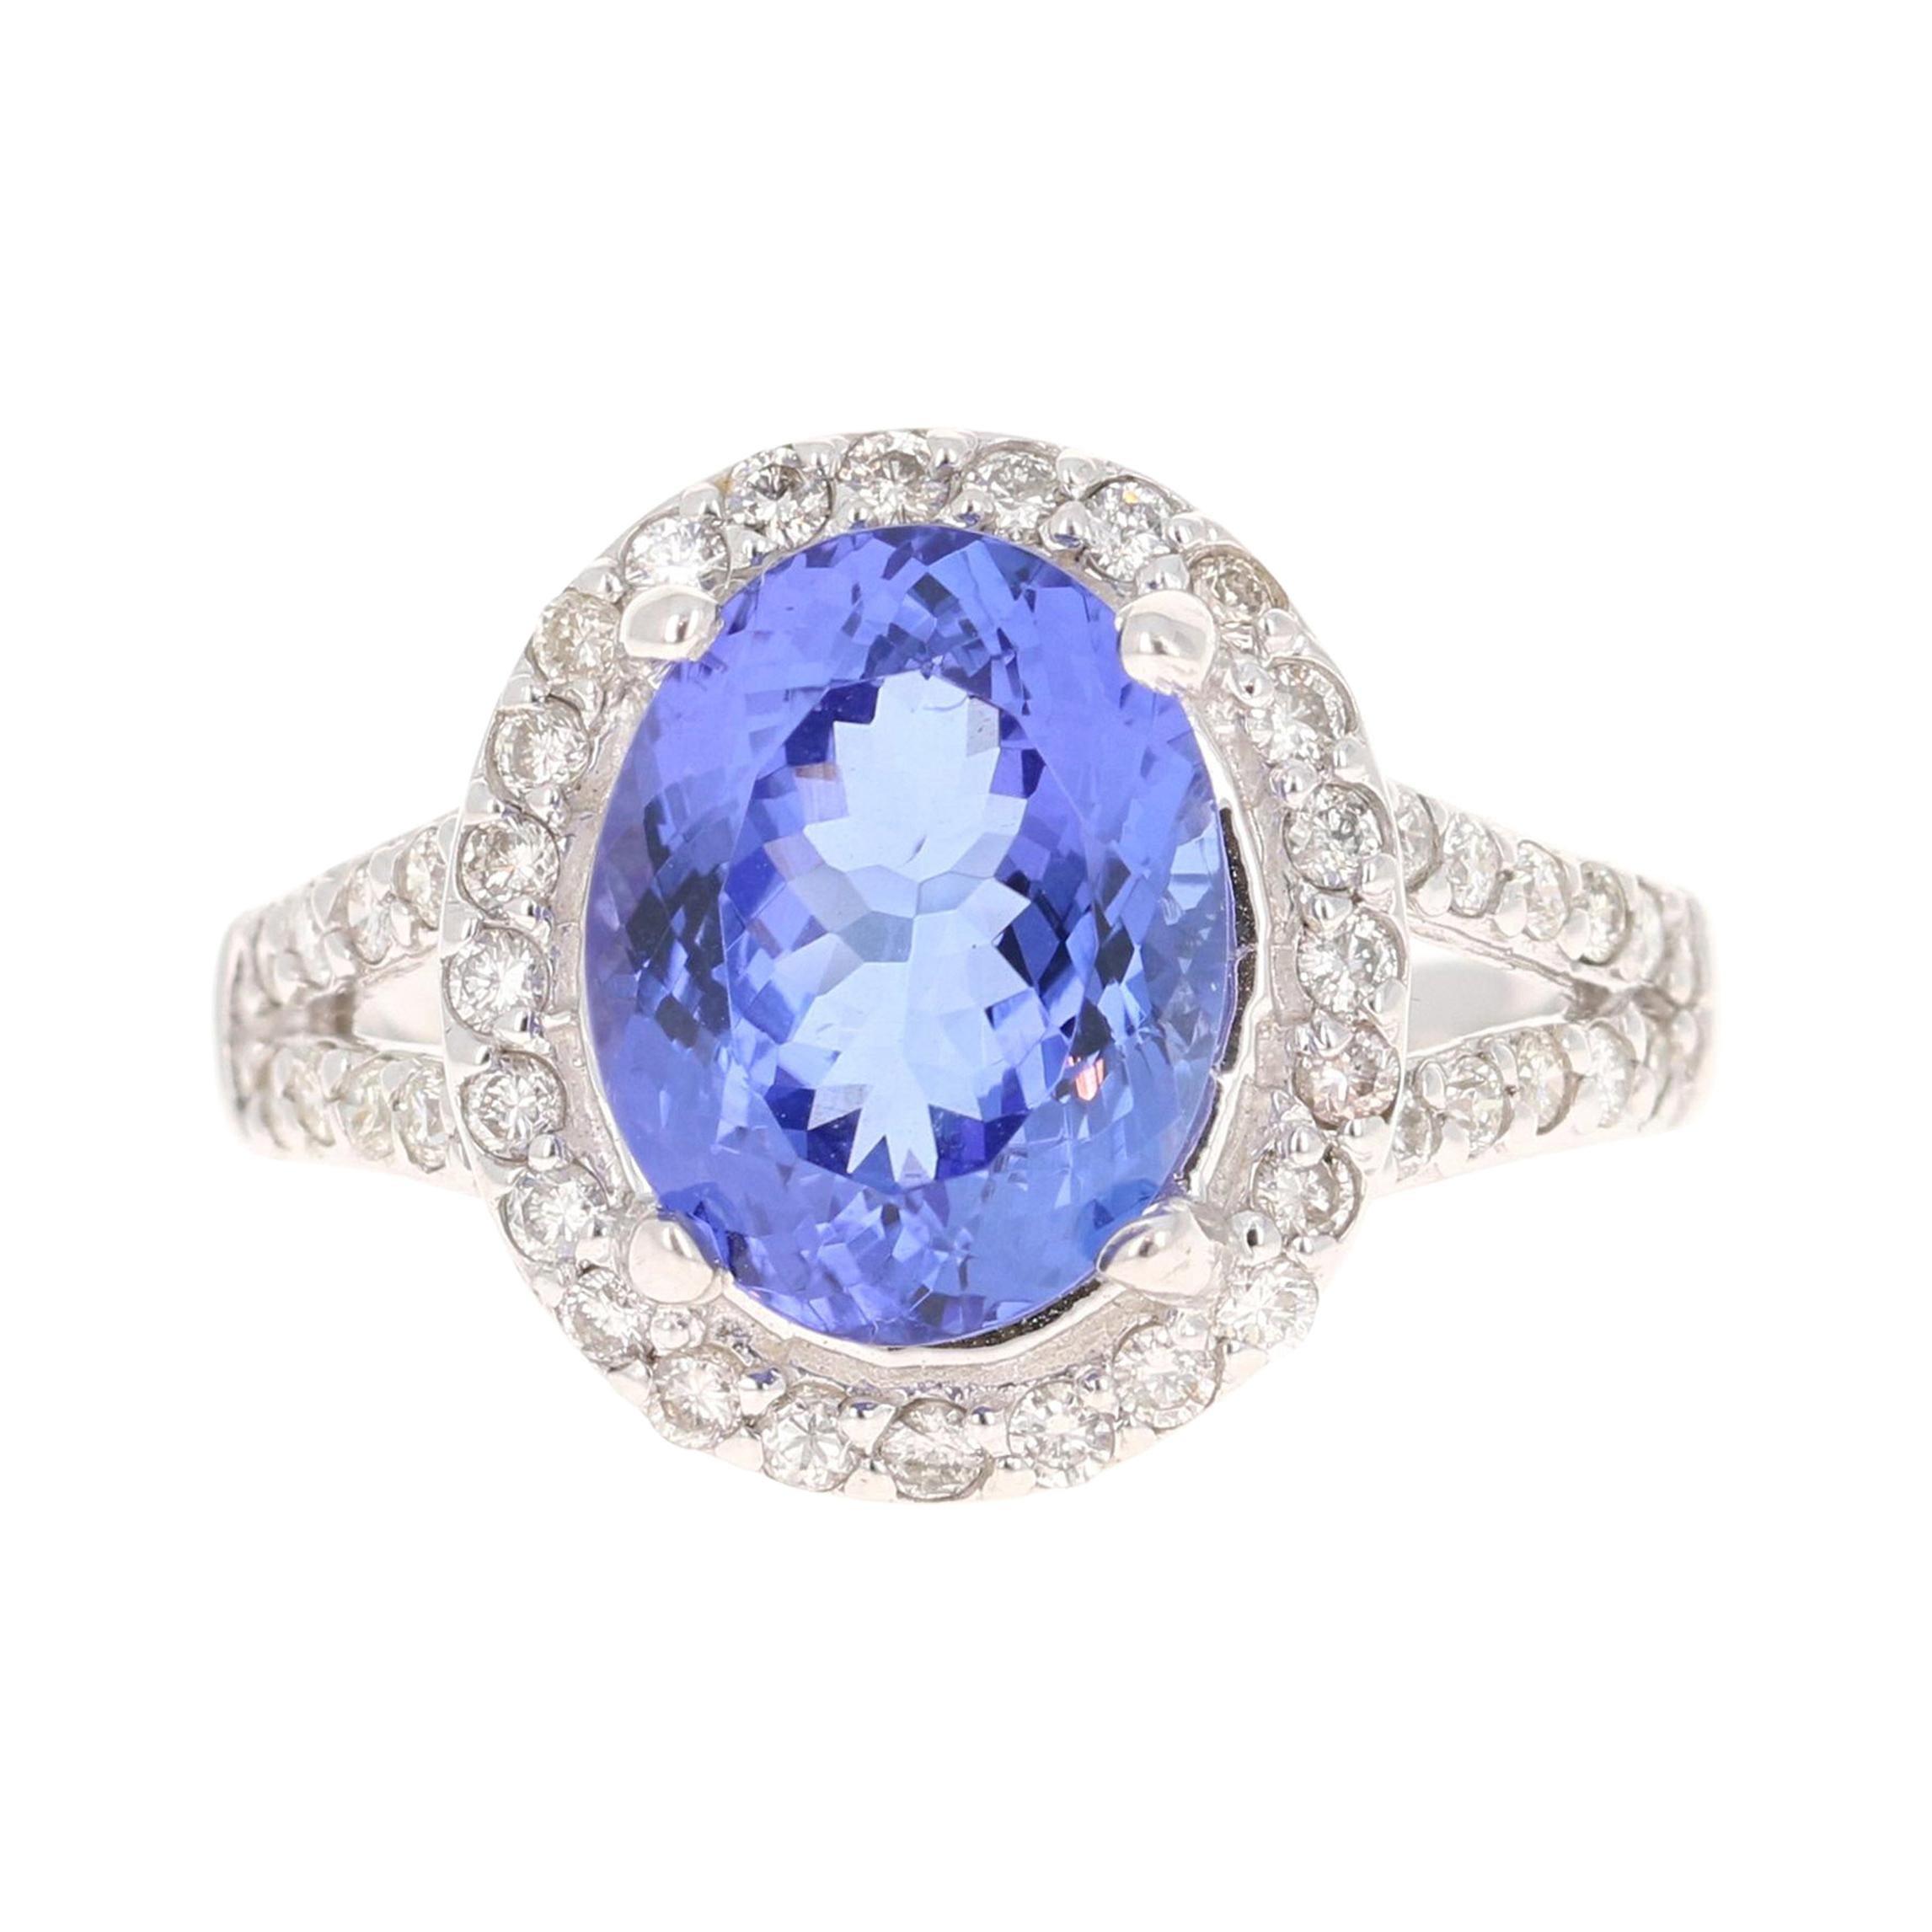 4.89 Carat Tanzanite Diamond 14 Karat White Gold Ring